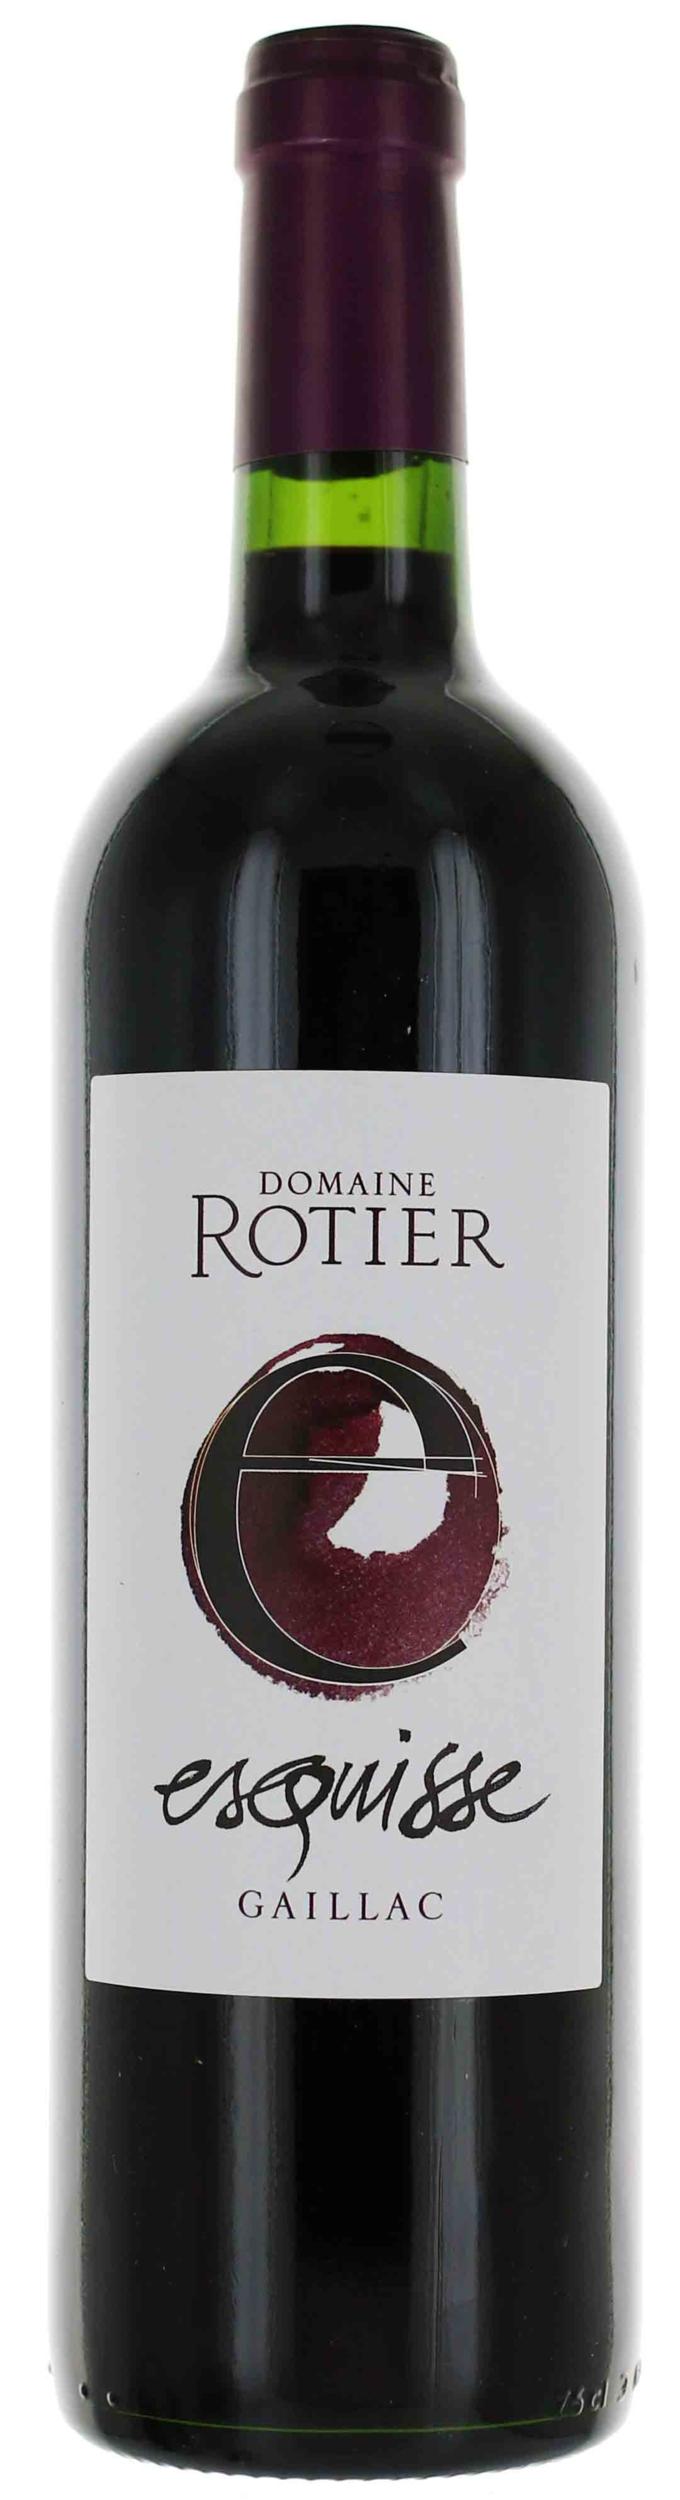 Gaillac - Esquisse - Domaine Rotier - 2019 - BIO